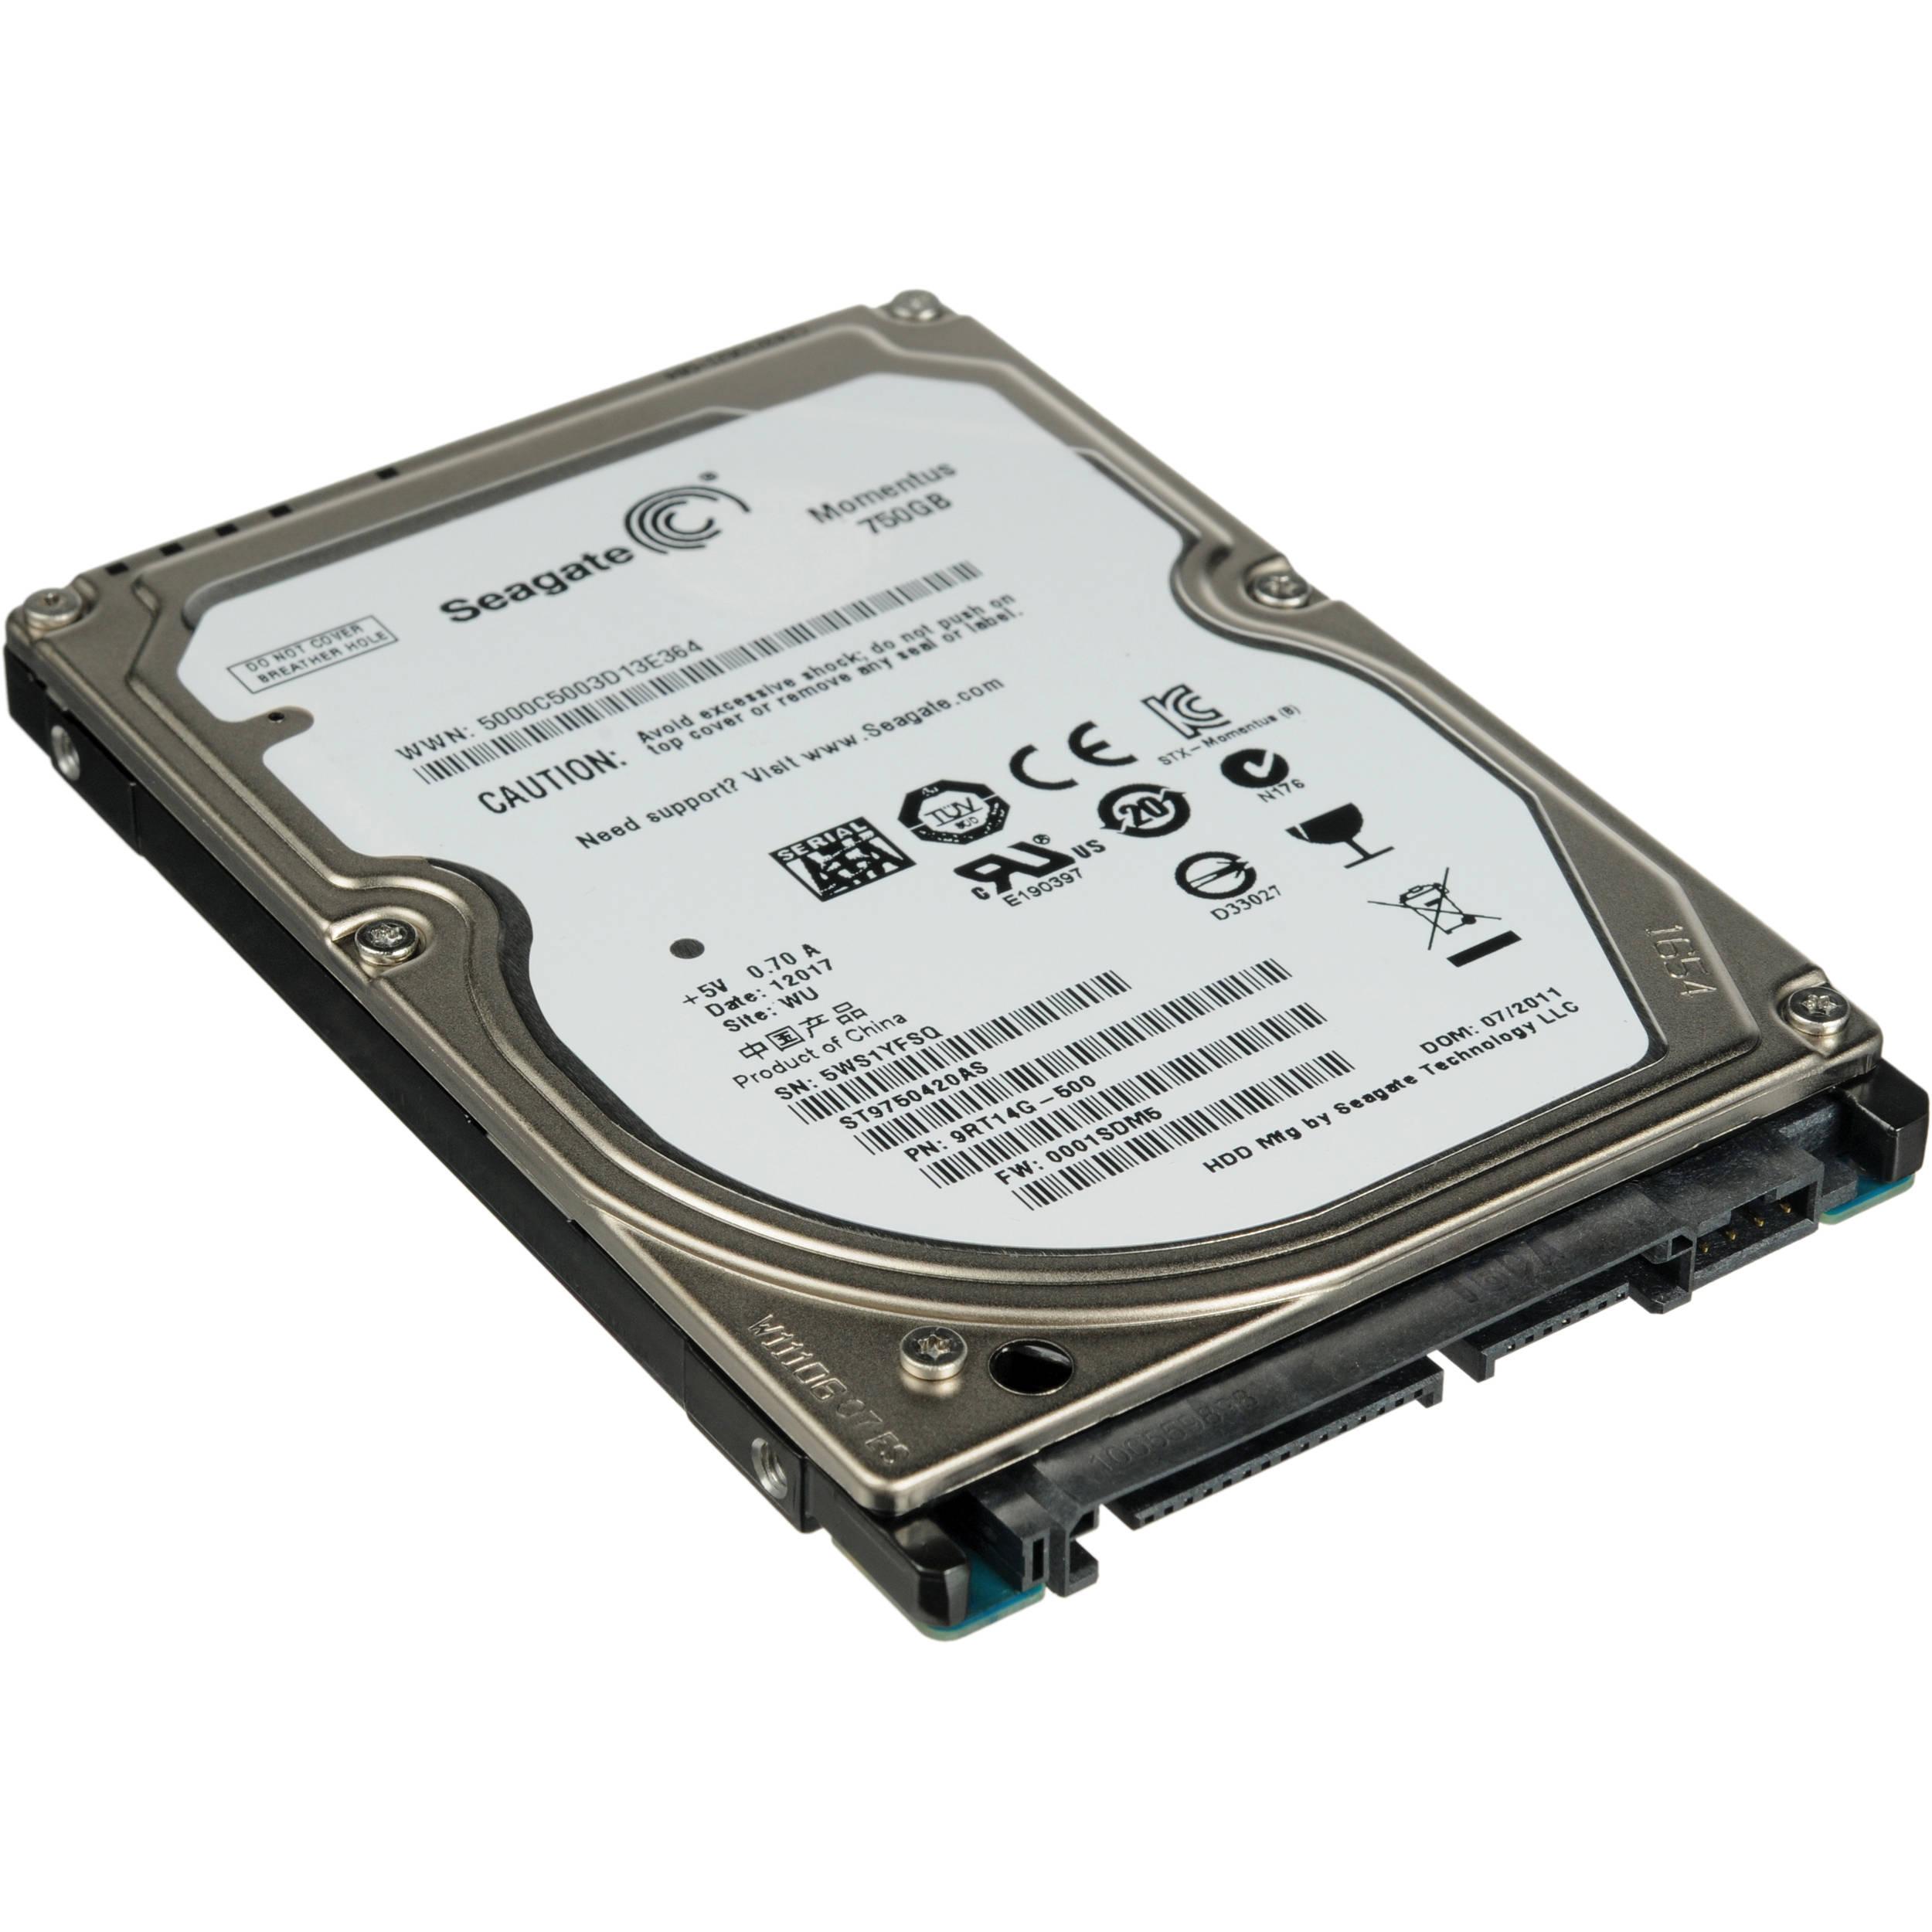 Seagate 750gb Momentus 2 5 Laptop Hard Drive